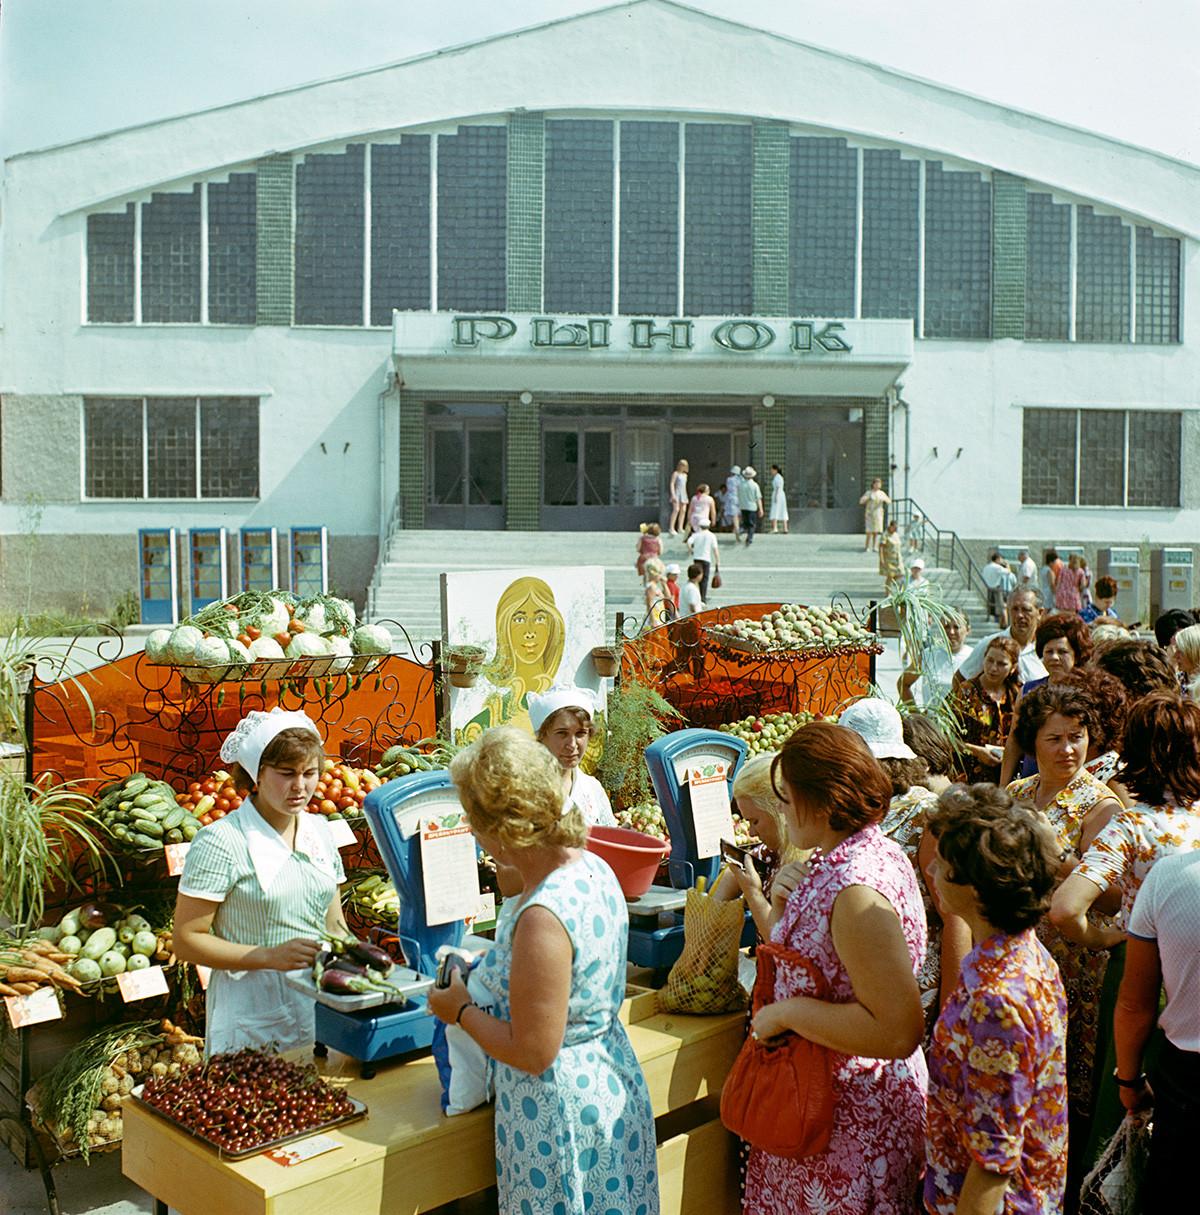 Trgovina s sadjem in zelenjavo na ulici v mestu Jevpatorija, Krim, 1979